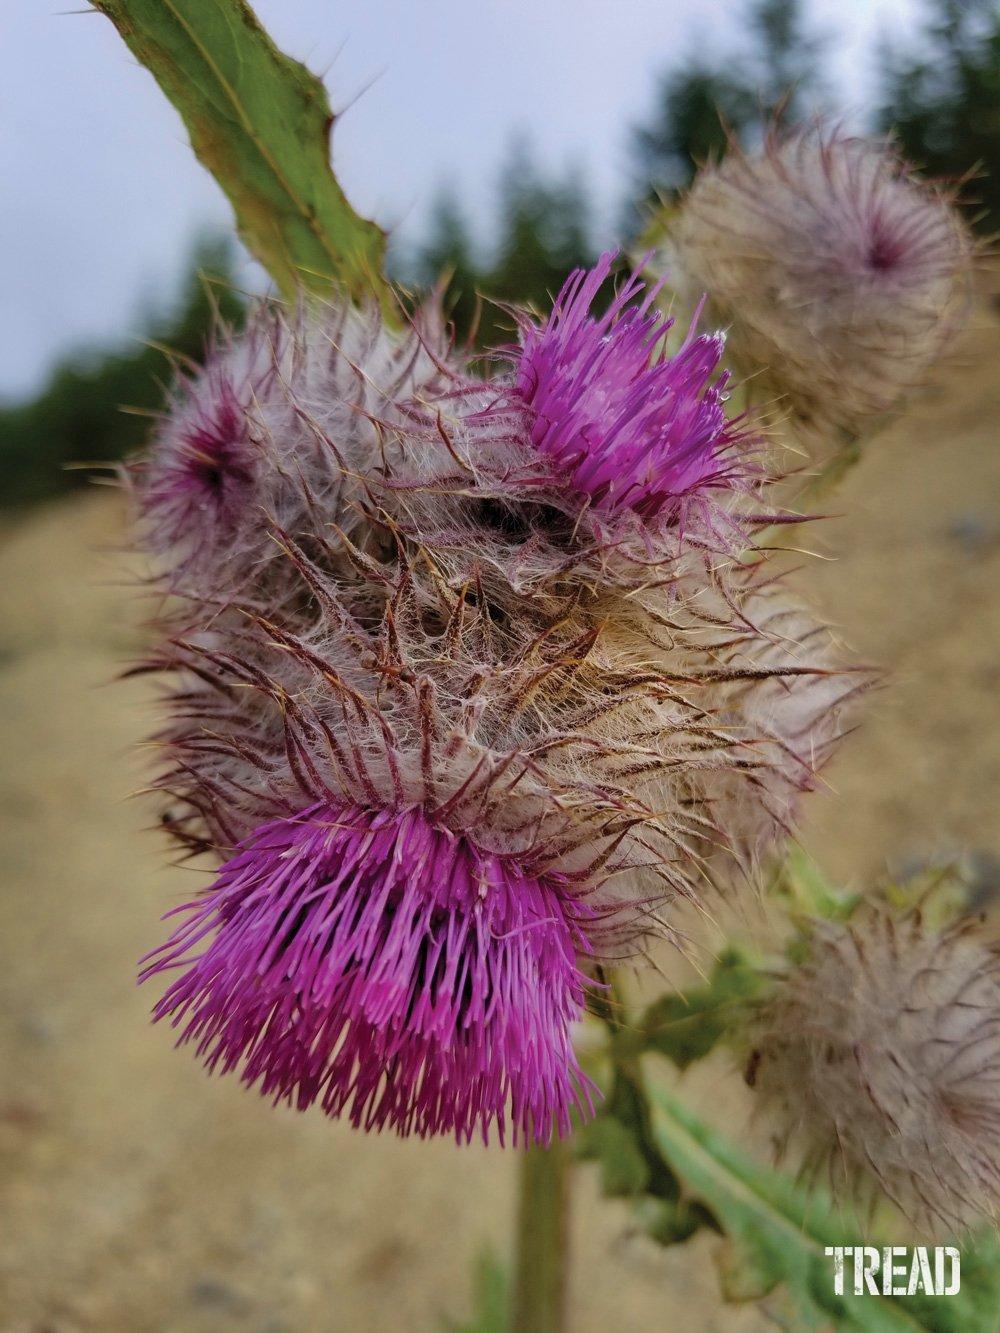 Wild thistle plant